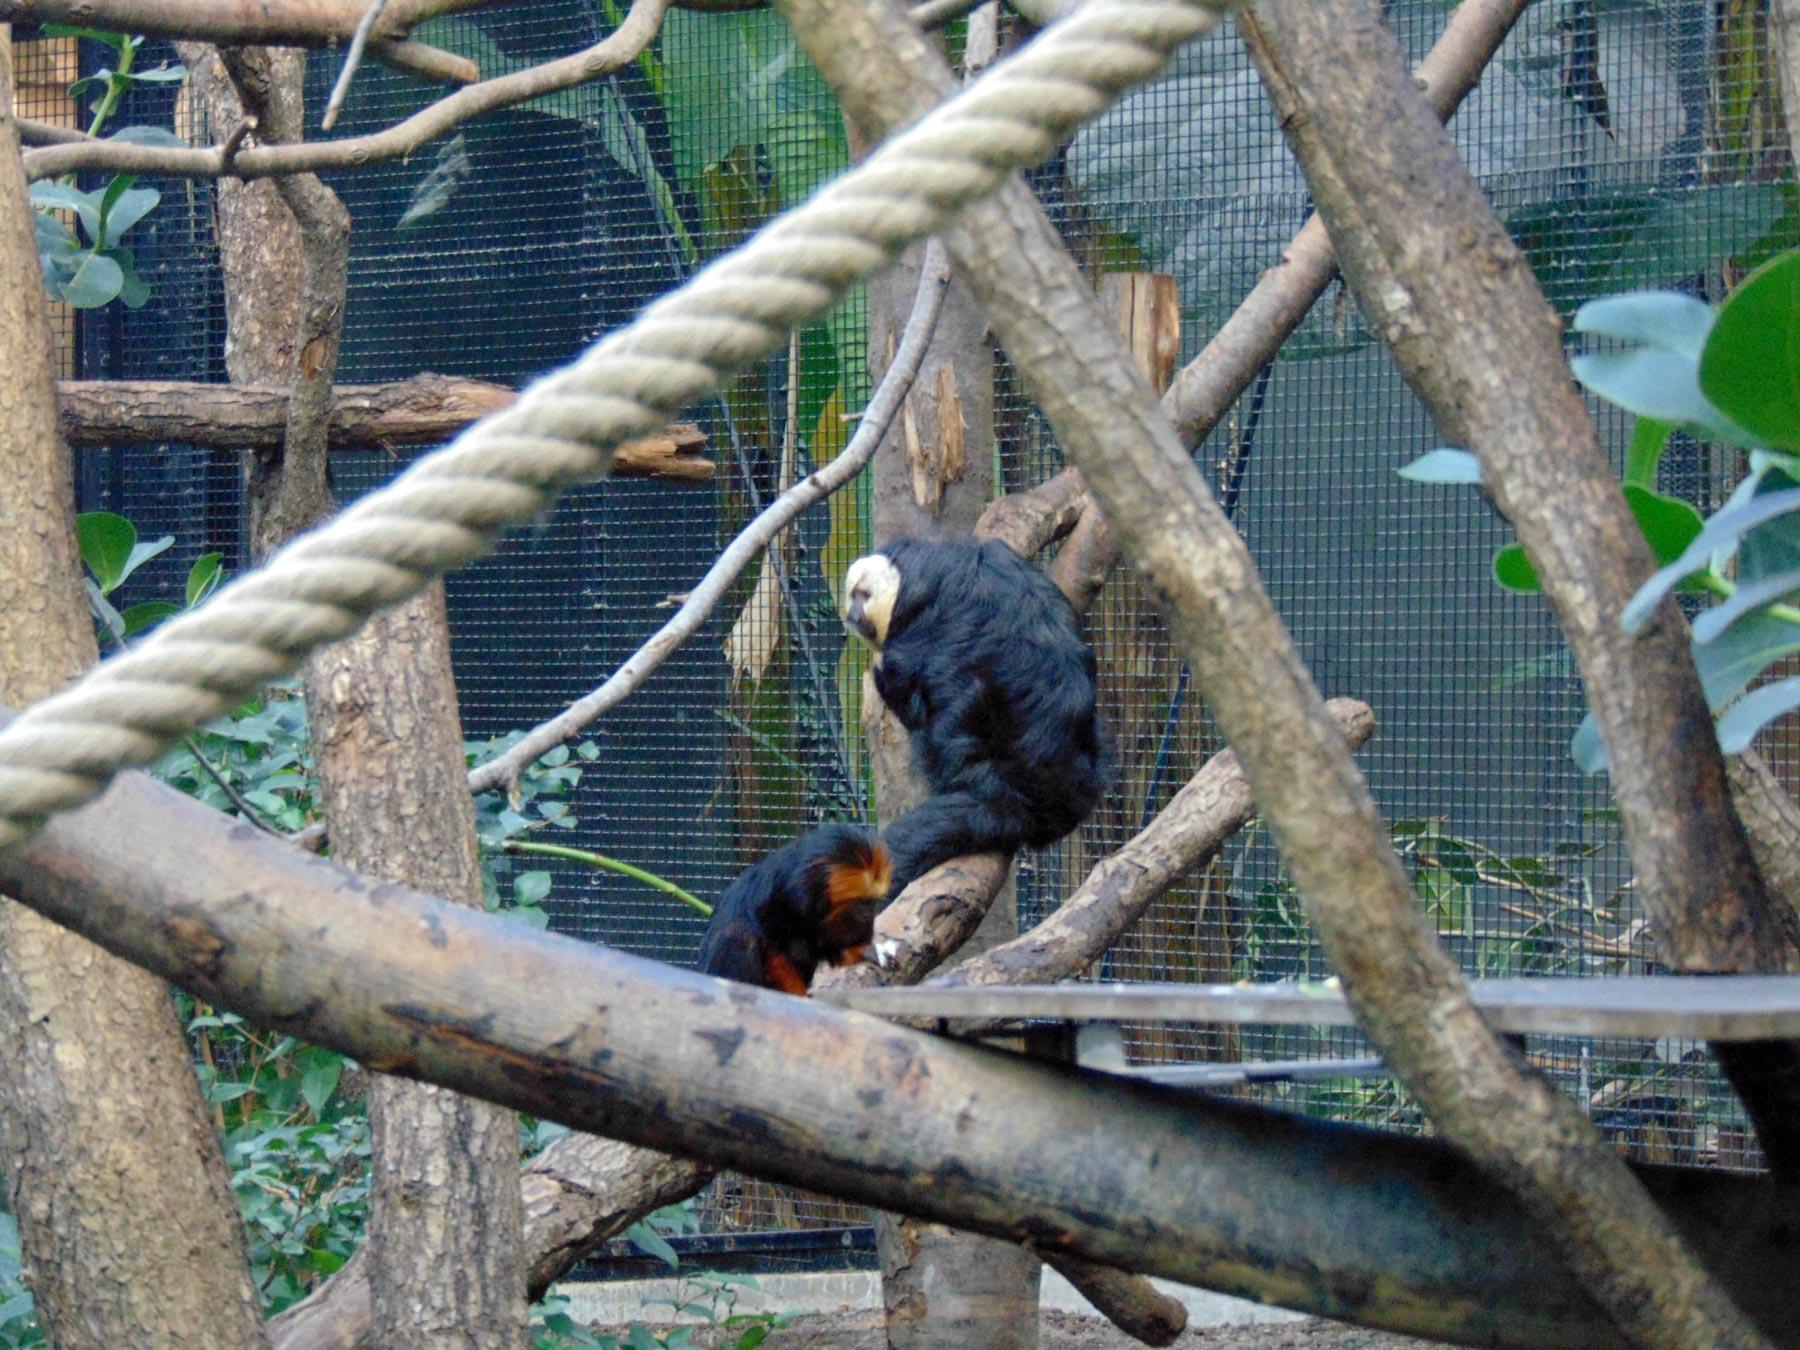 обезьяны Венсенского зоопарка в Париже